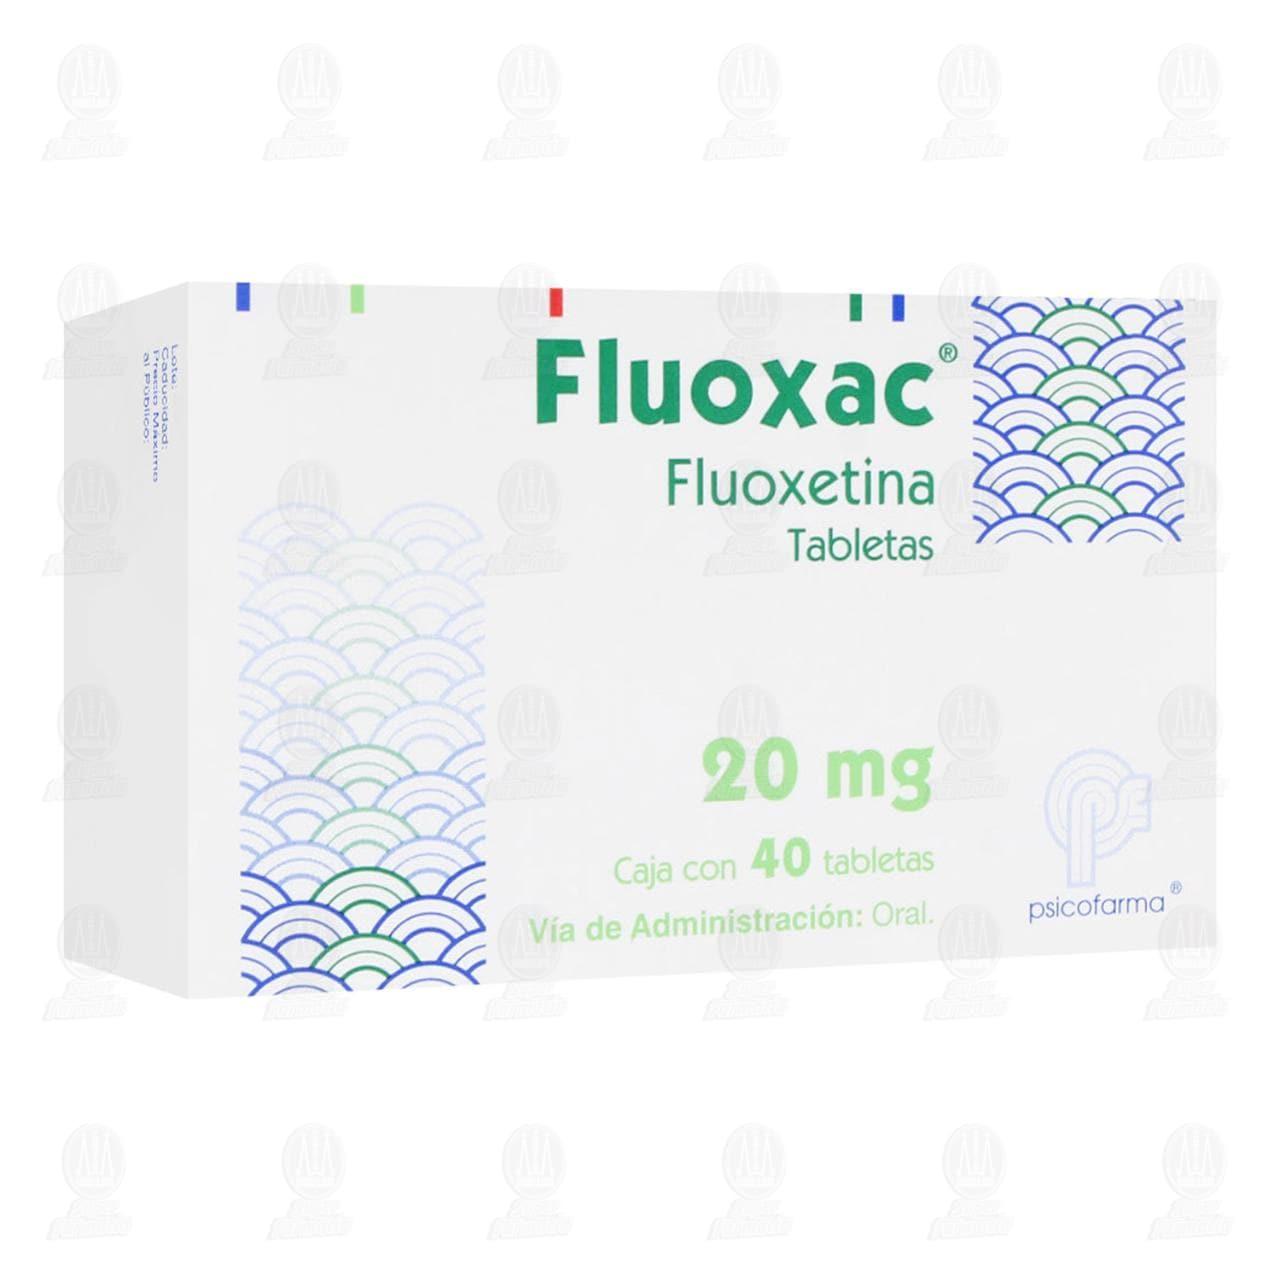 Fluoxac 20mg 40 Tabletas